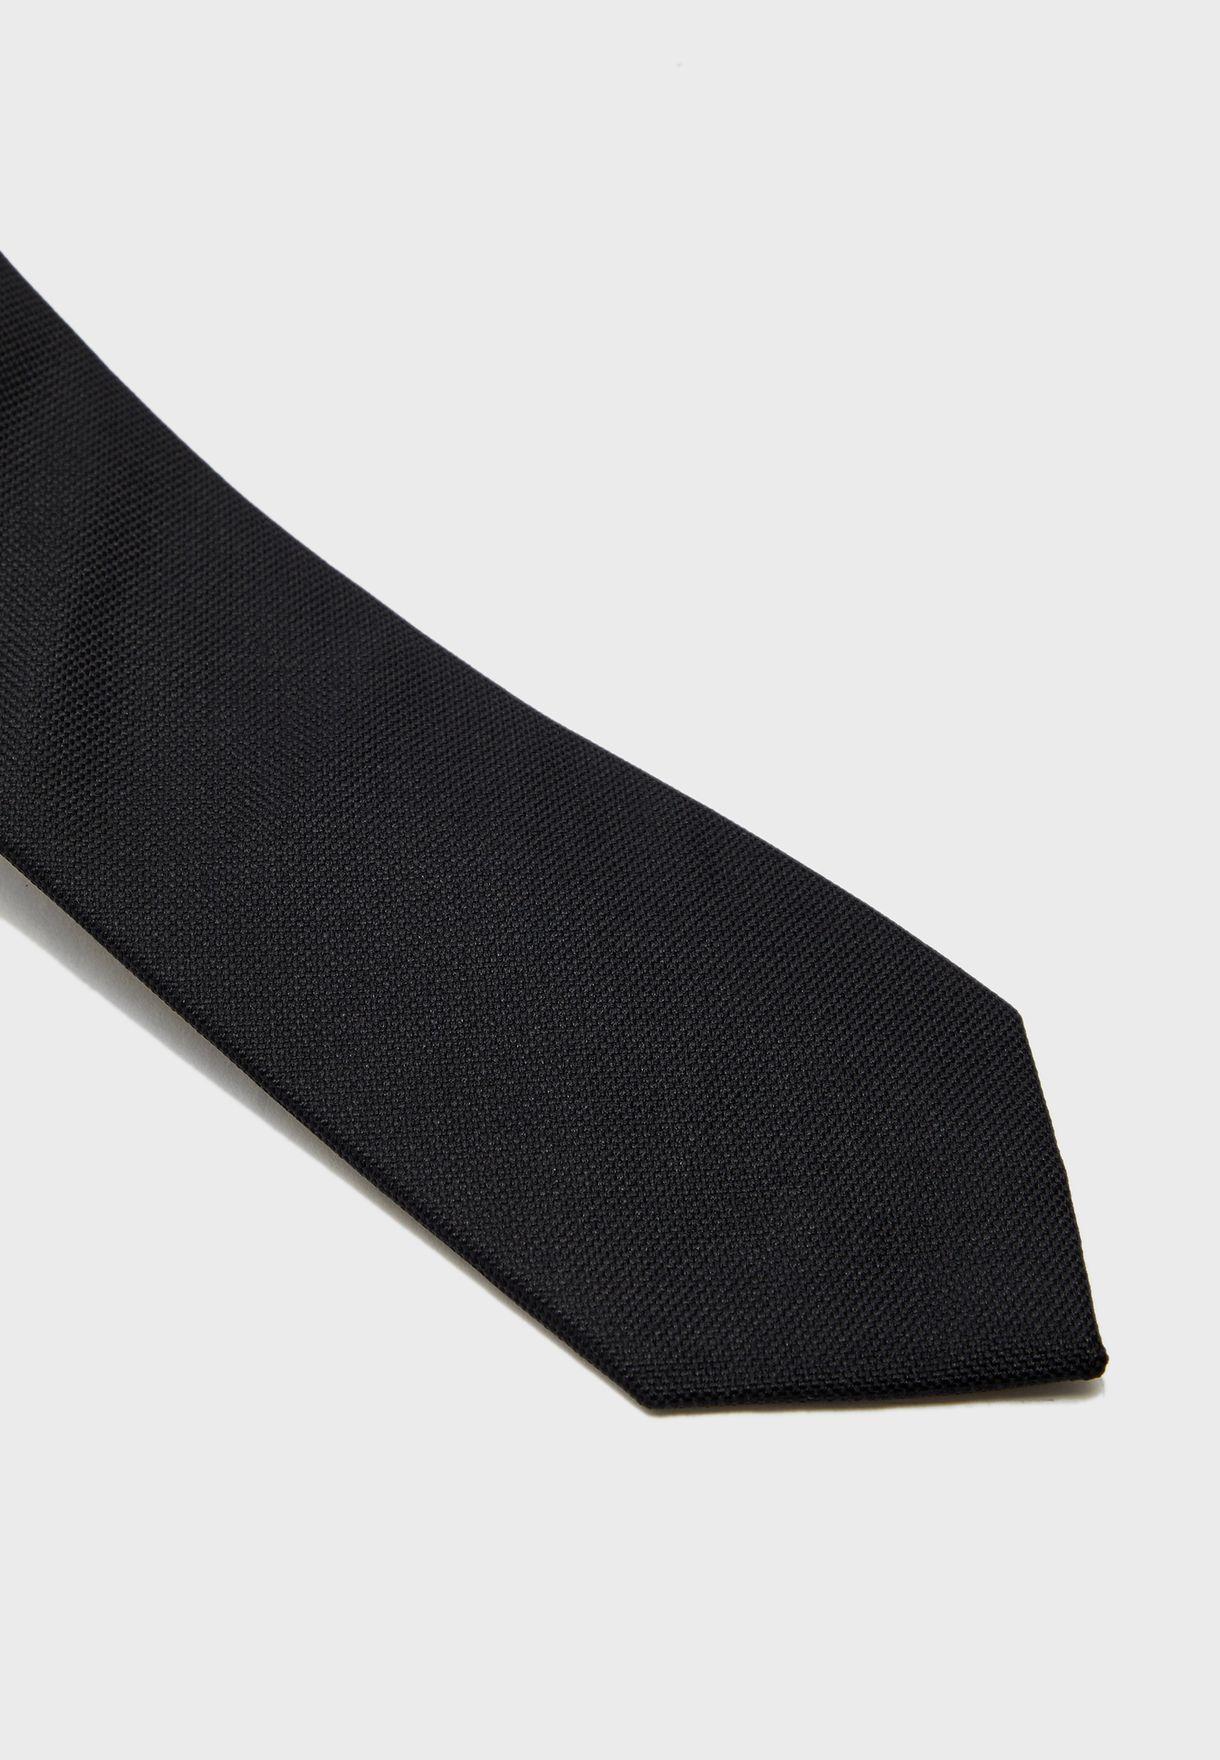 Panama Plain Tie